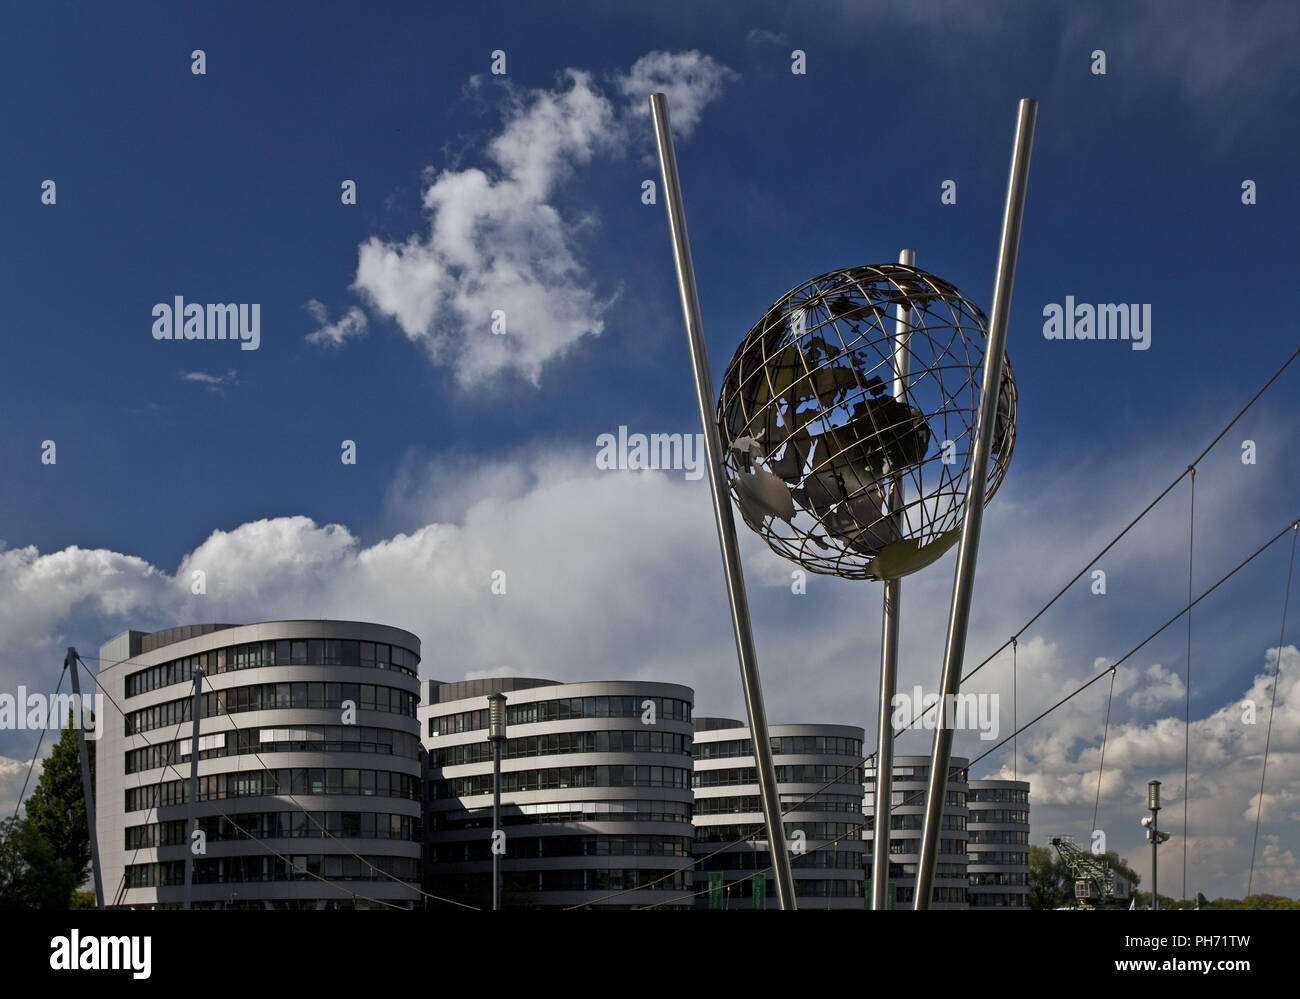 Mercator globe, Duisburg inner Habour, Germany. - Stock Image